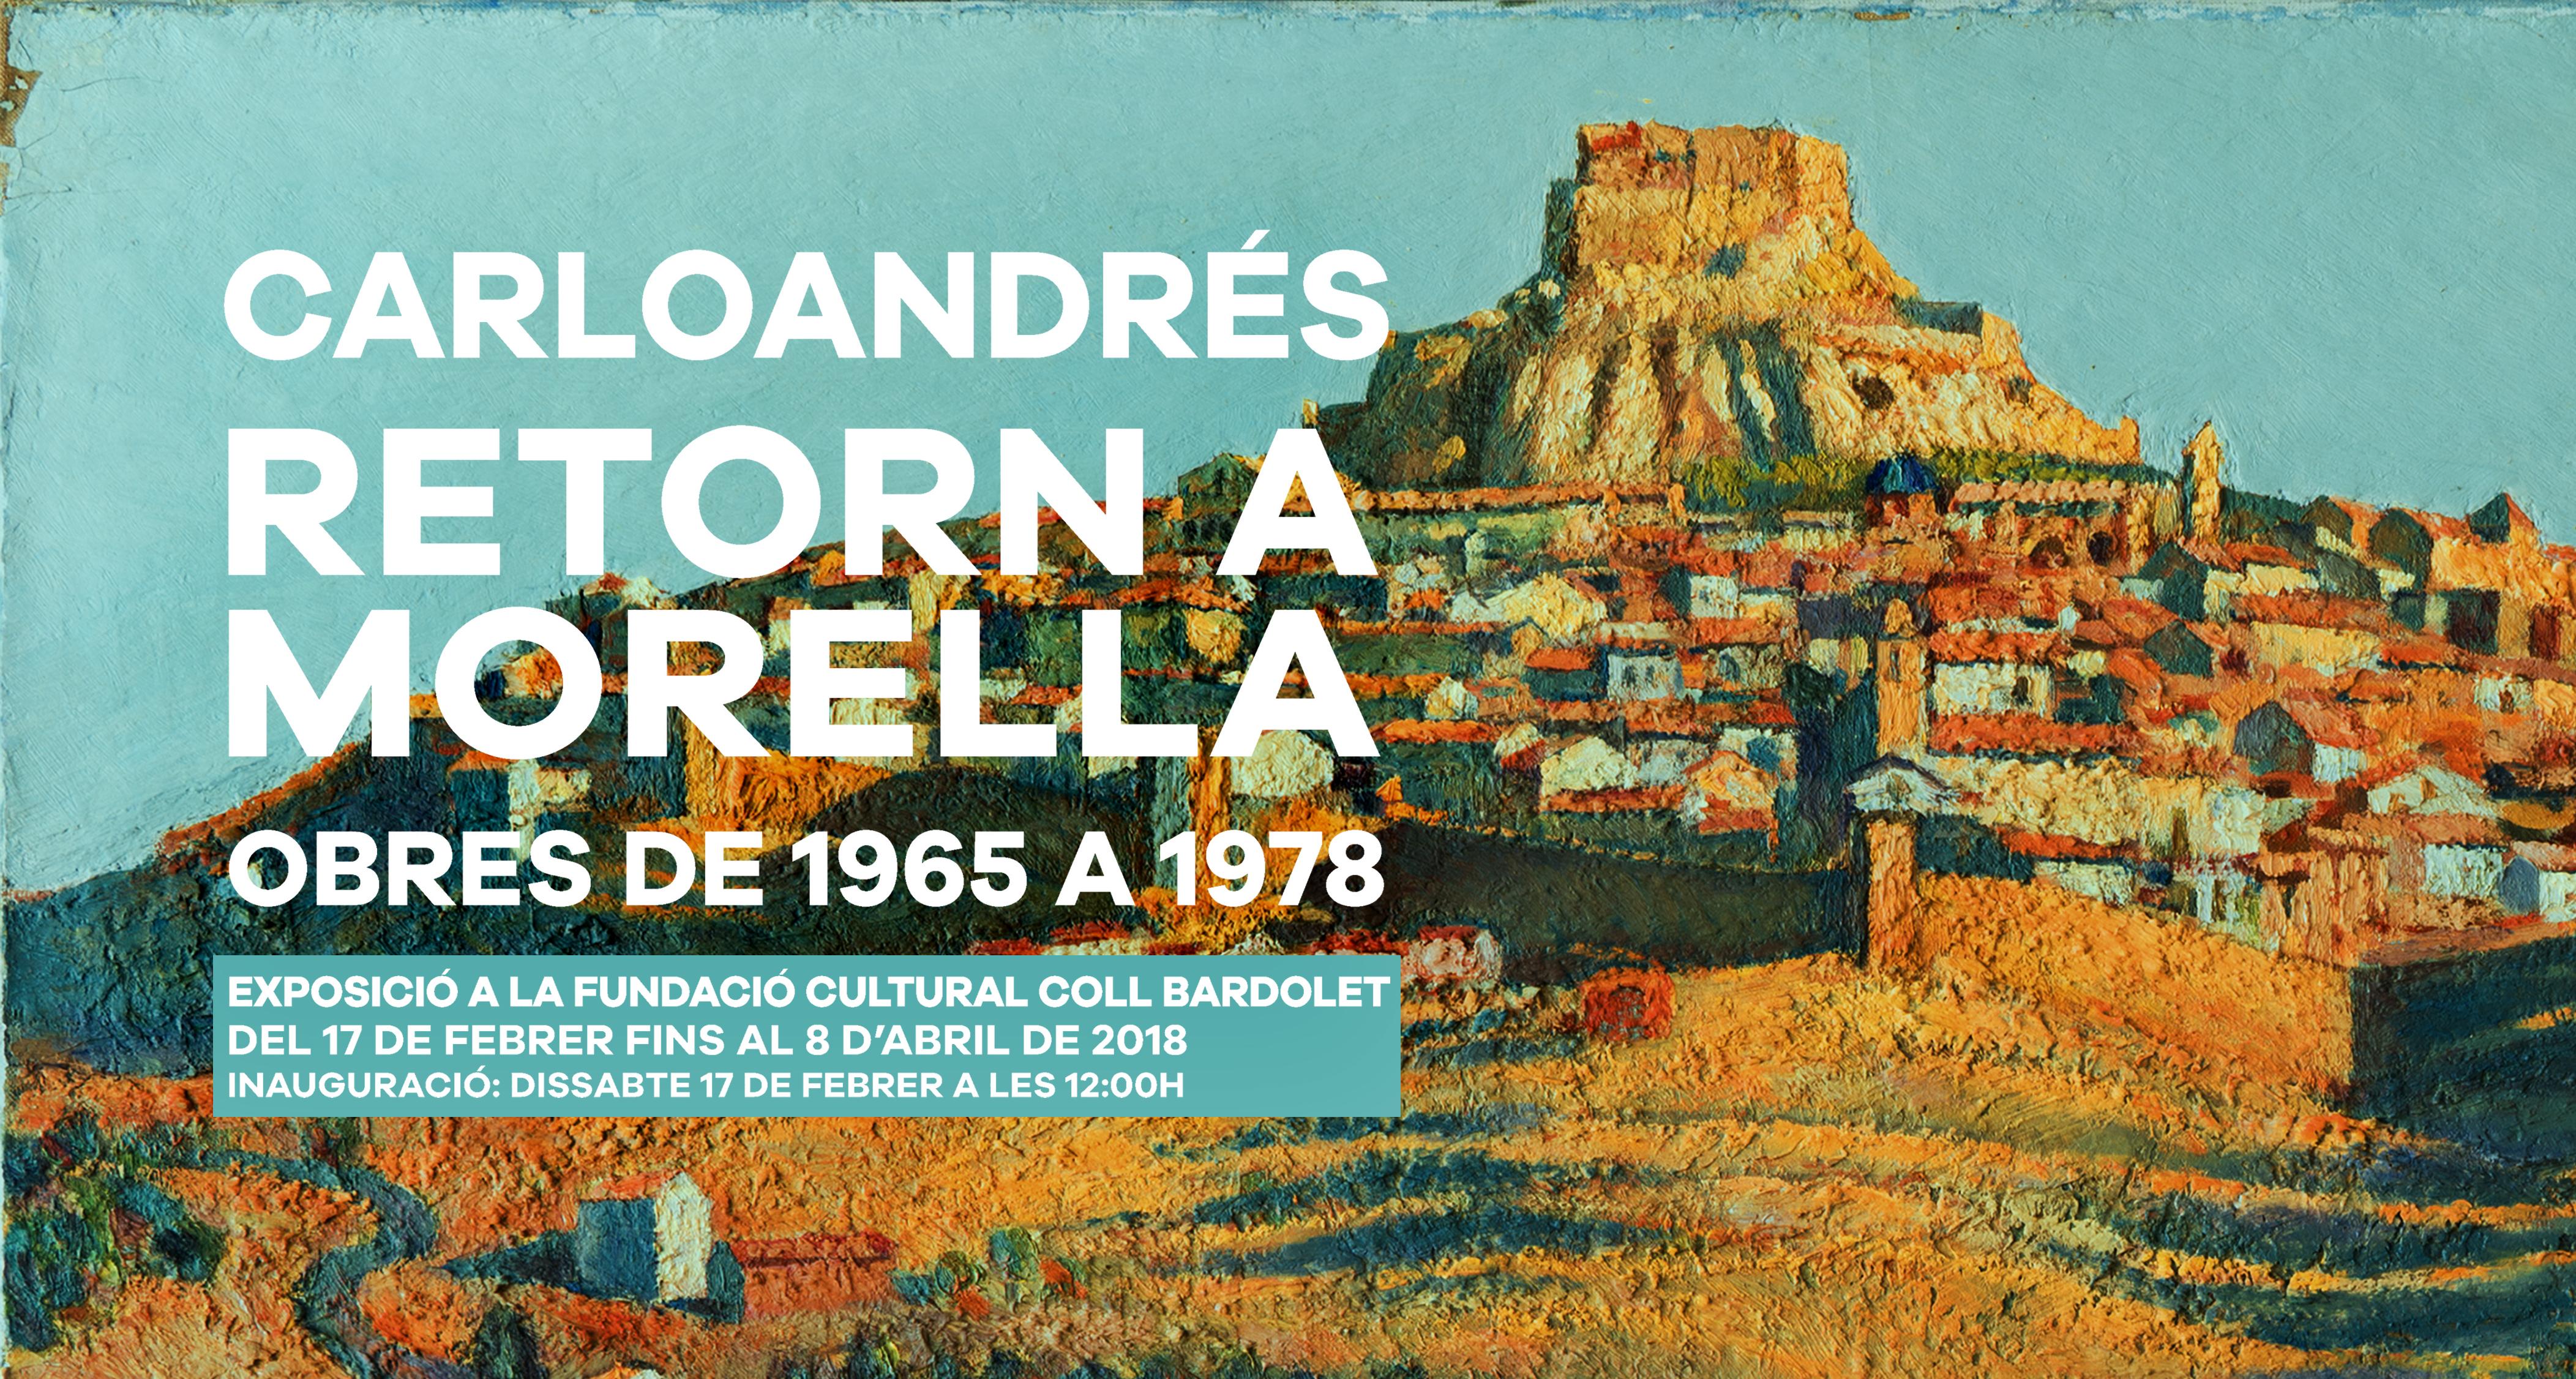 Carloandrés. Retorn a Morella. 1965 - 1978